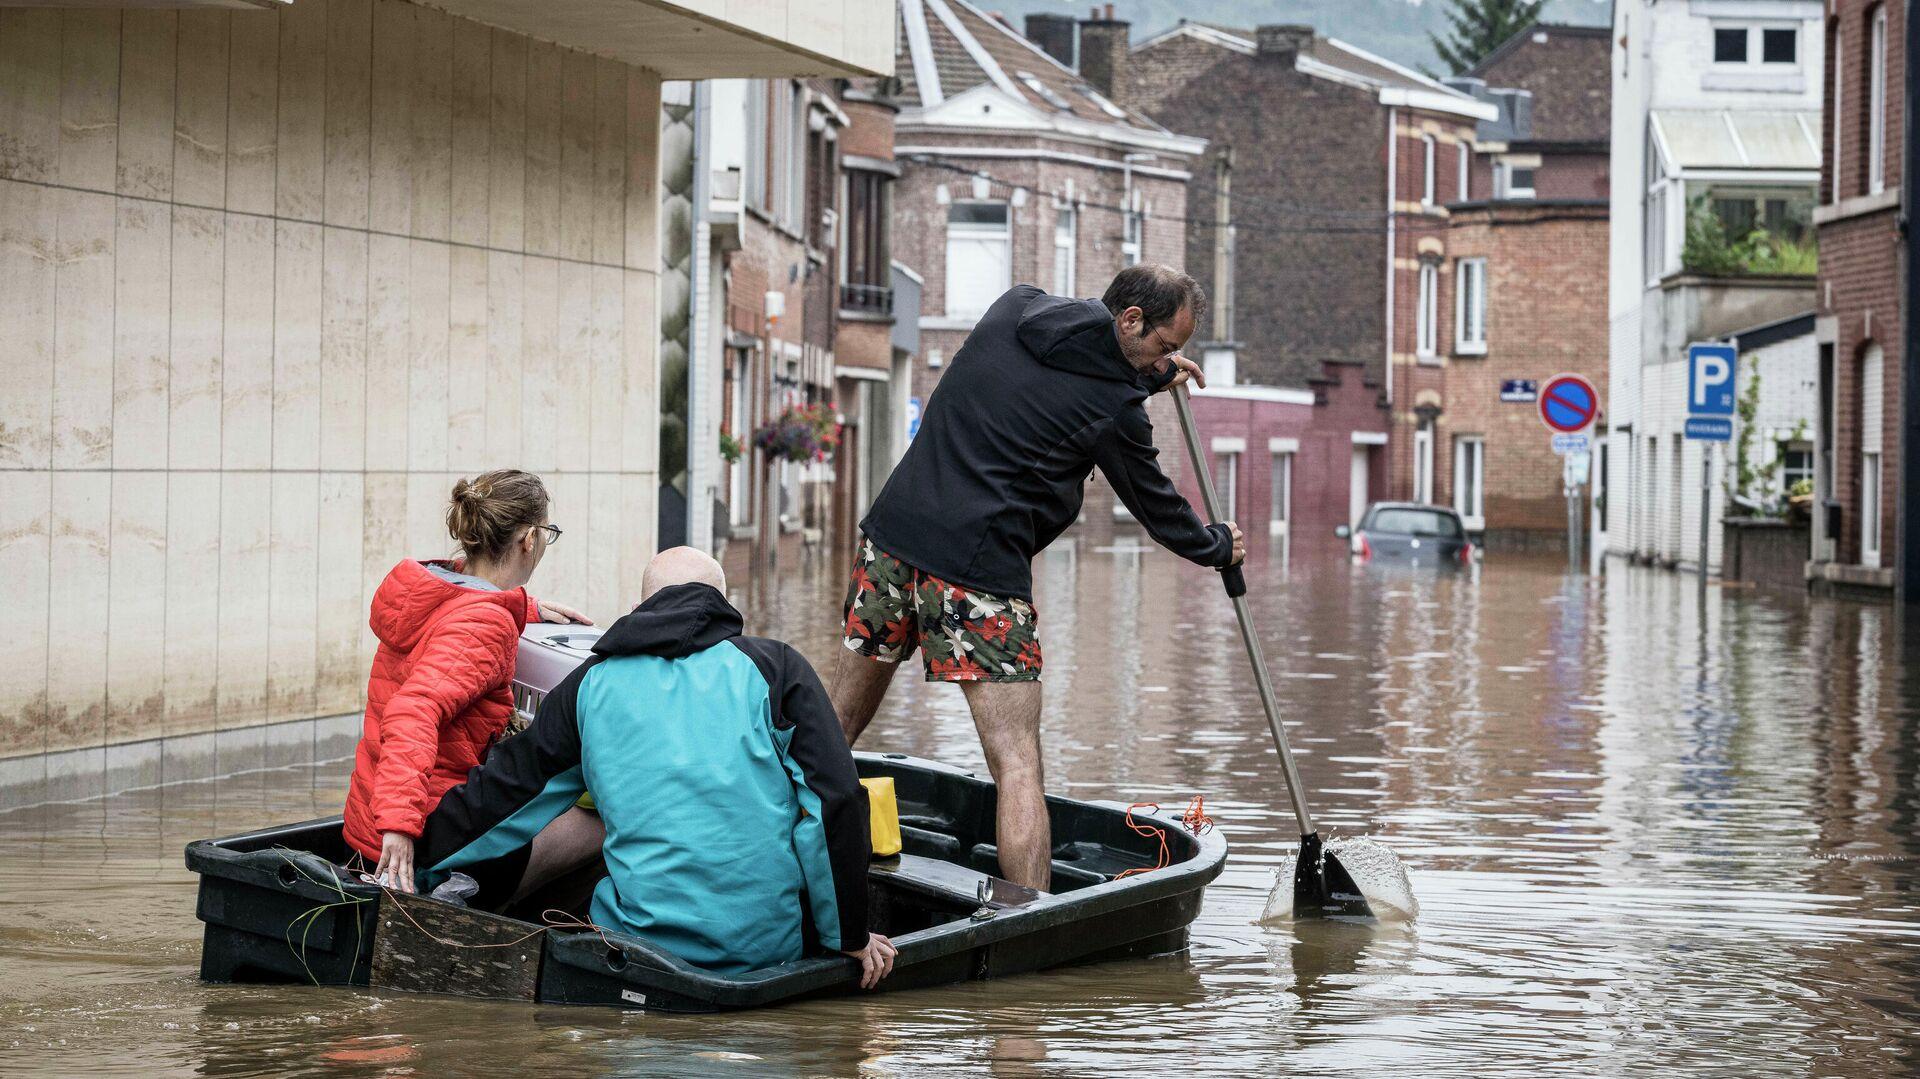 Люди плывут на лодке по жилой улице после наводнения в Англере, провинция Льеж, Бельгия - РИА Новости, 1920, 05.08.2021